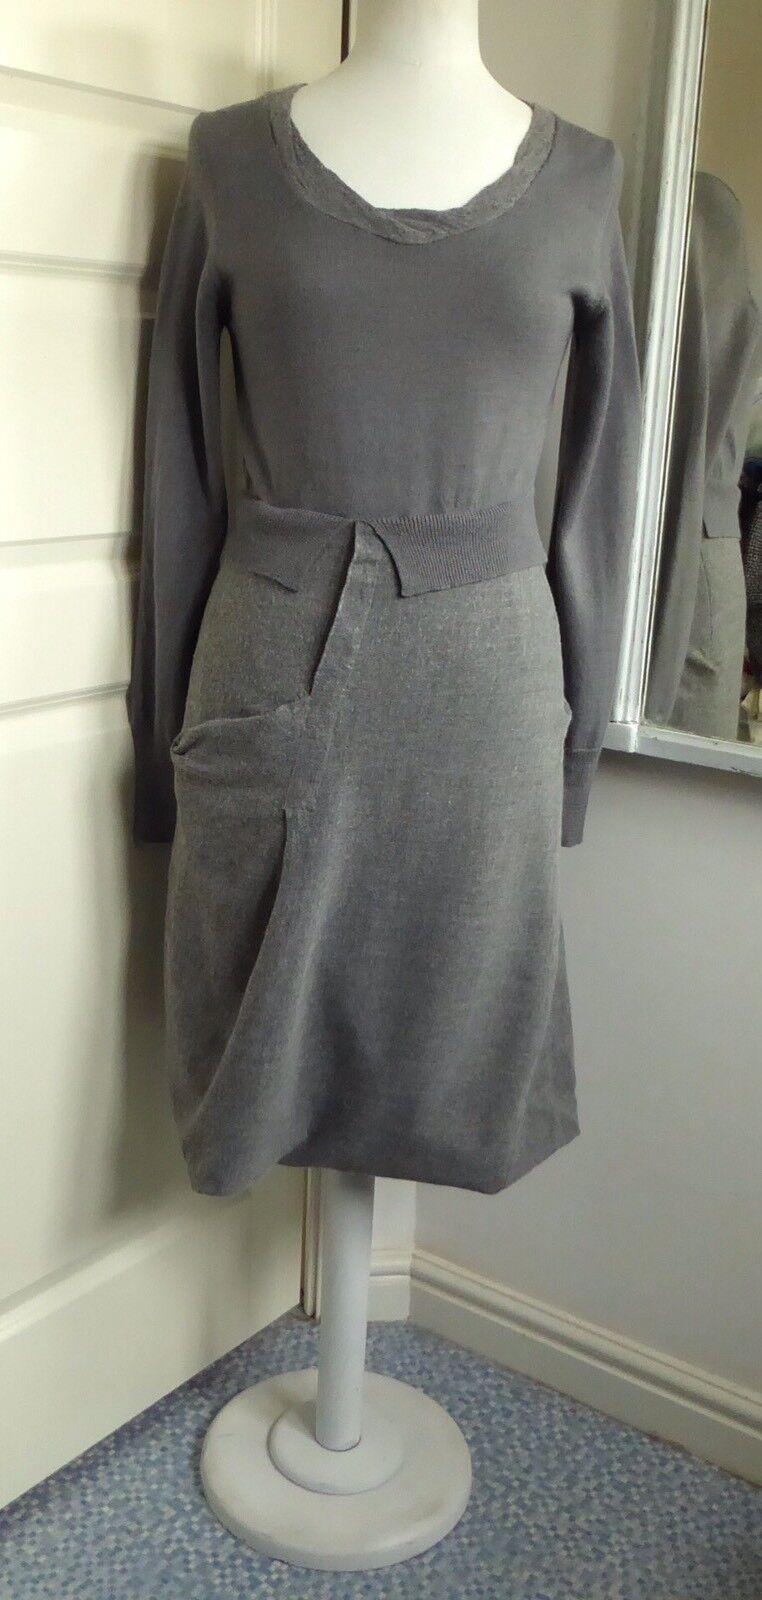 CREA CONCEPT Kleid Bubble Hem 2 in1 Jumper Look Wolle Mix Lagenlook Arty 38 UK 10